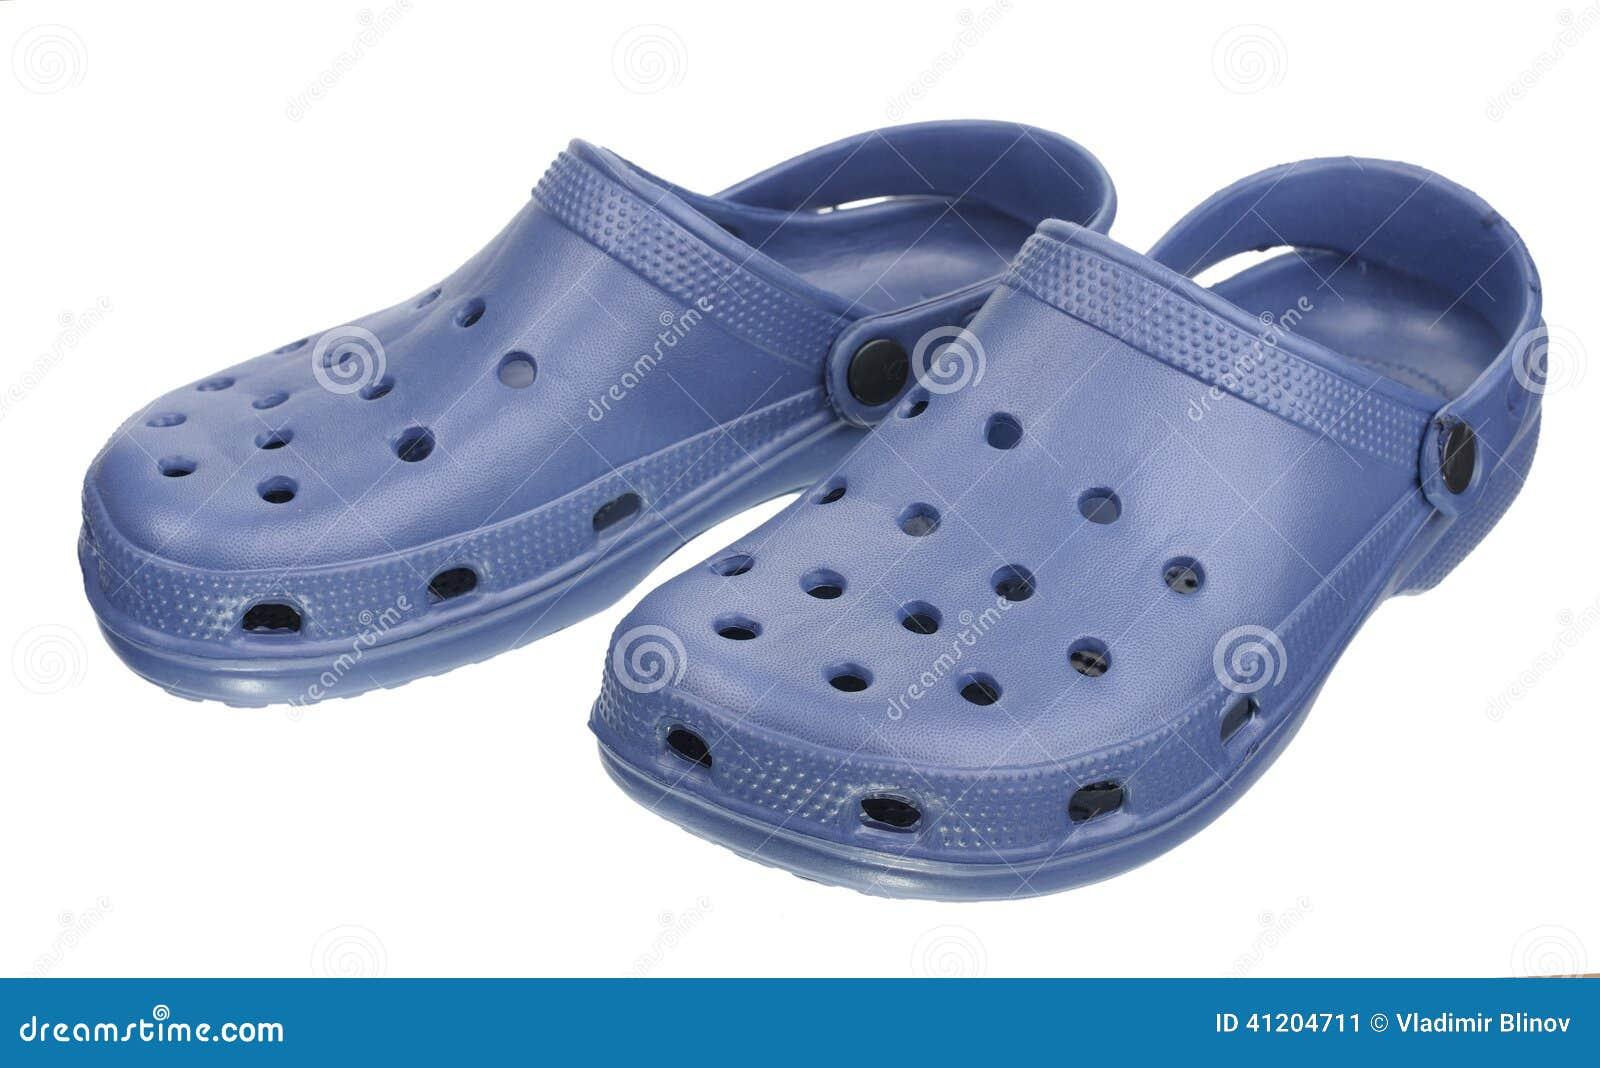 crocs stock image image of unisex shoes background